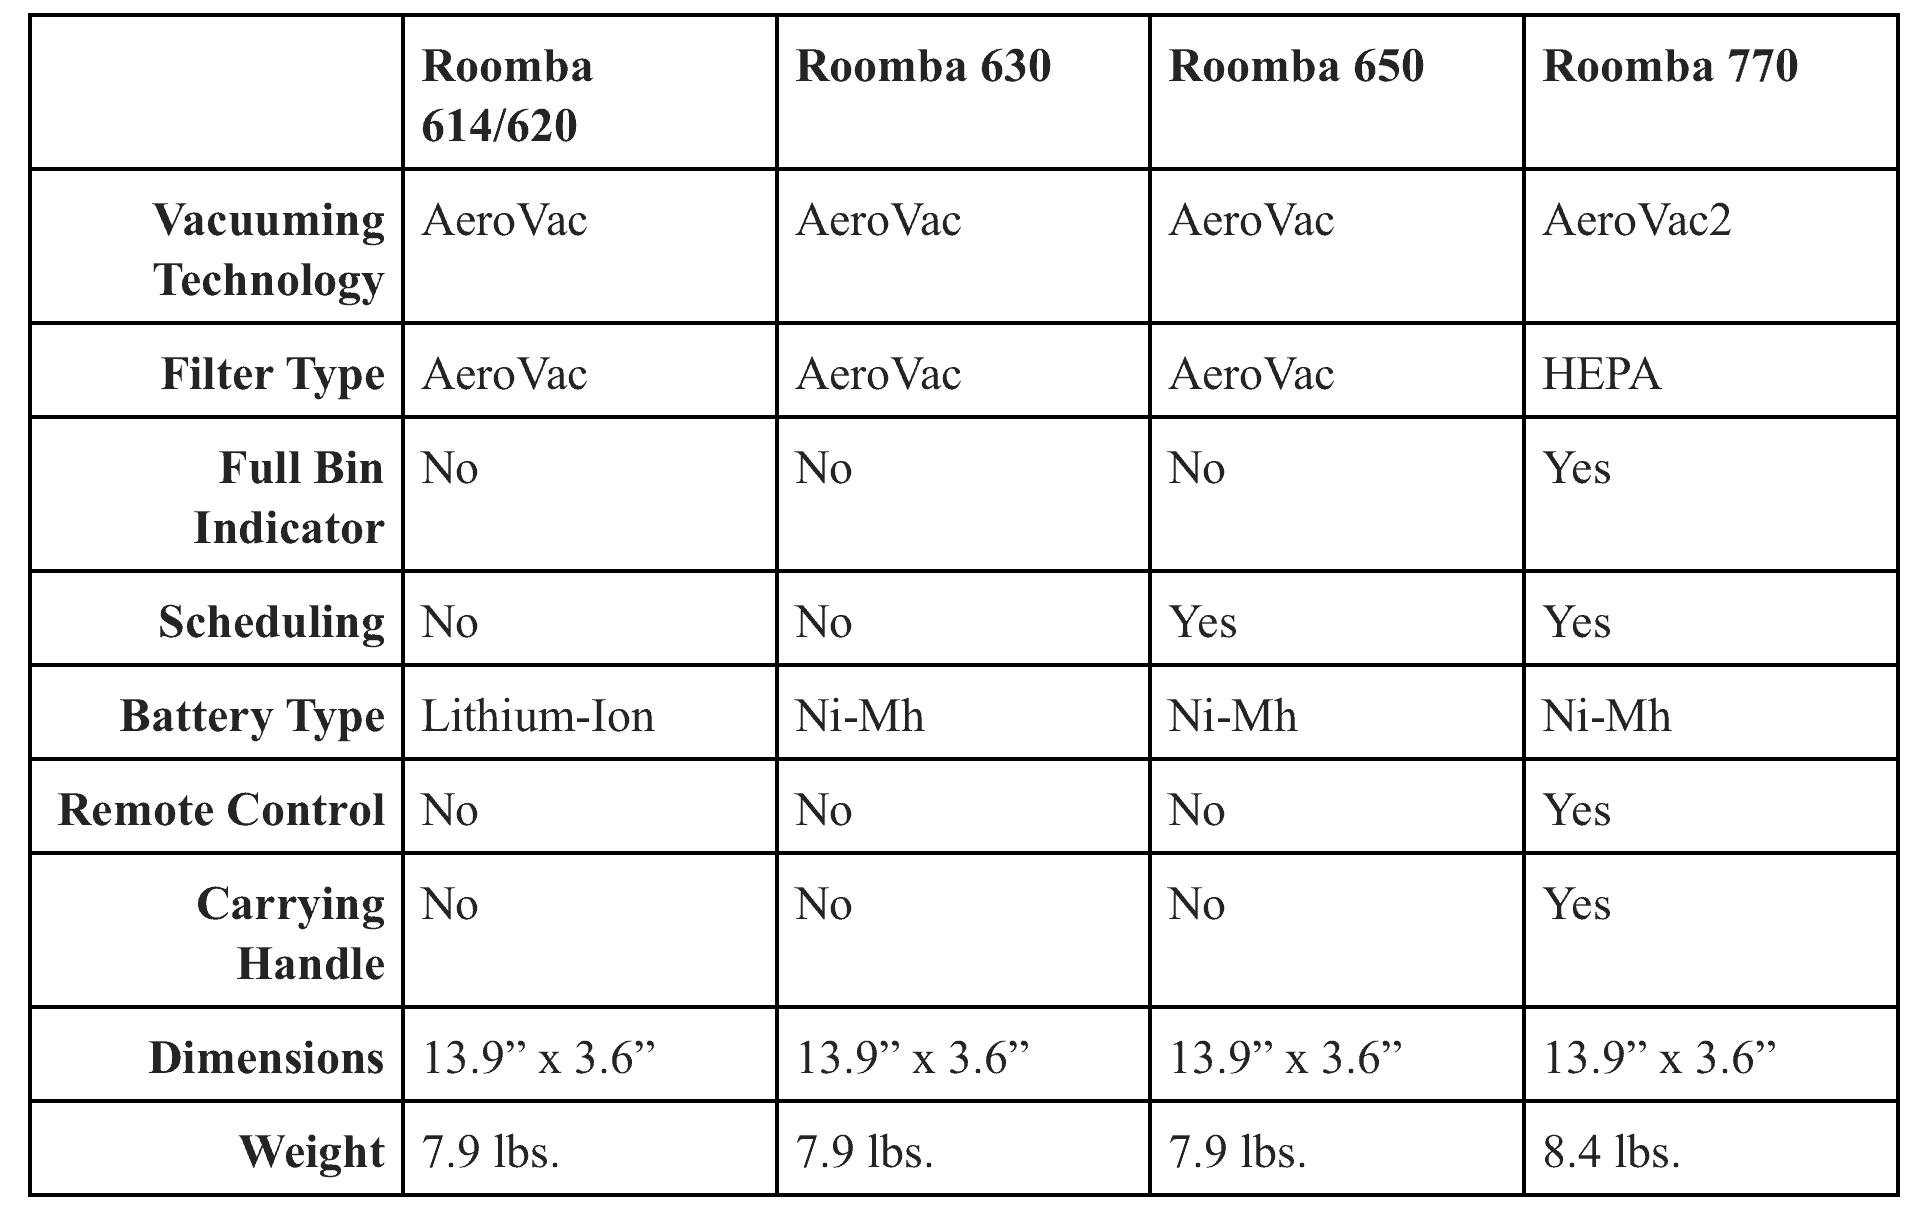 Roomba Comparison Table Brokeasshome Com